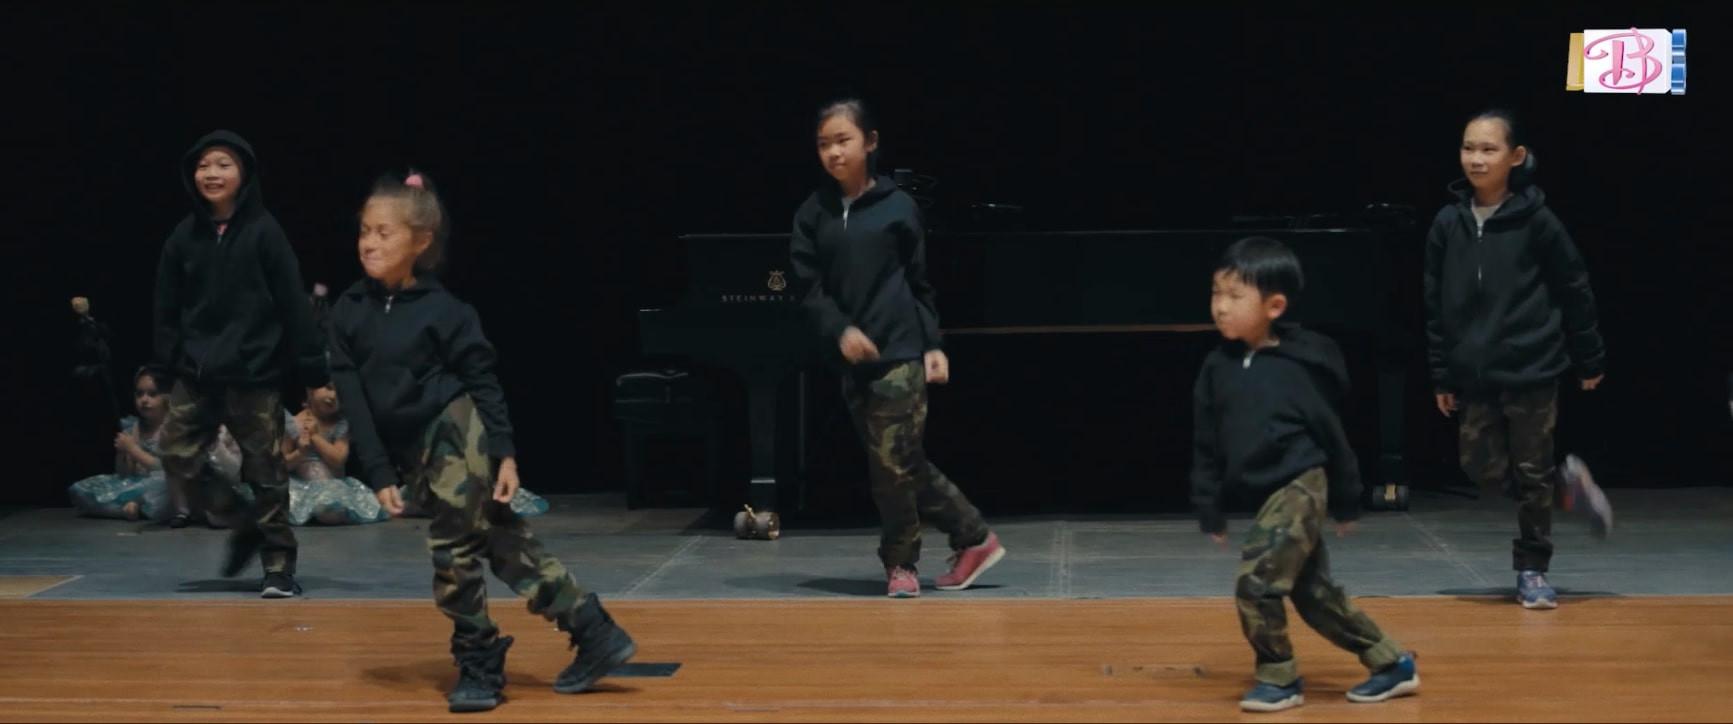 Dance school in Sheepshead Bay